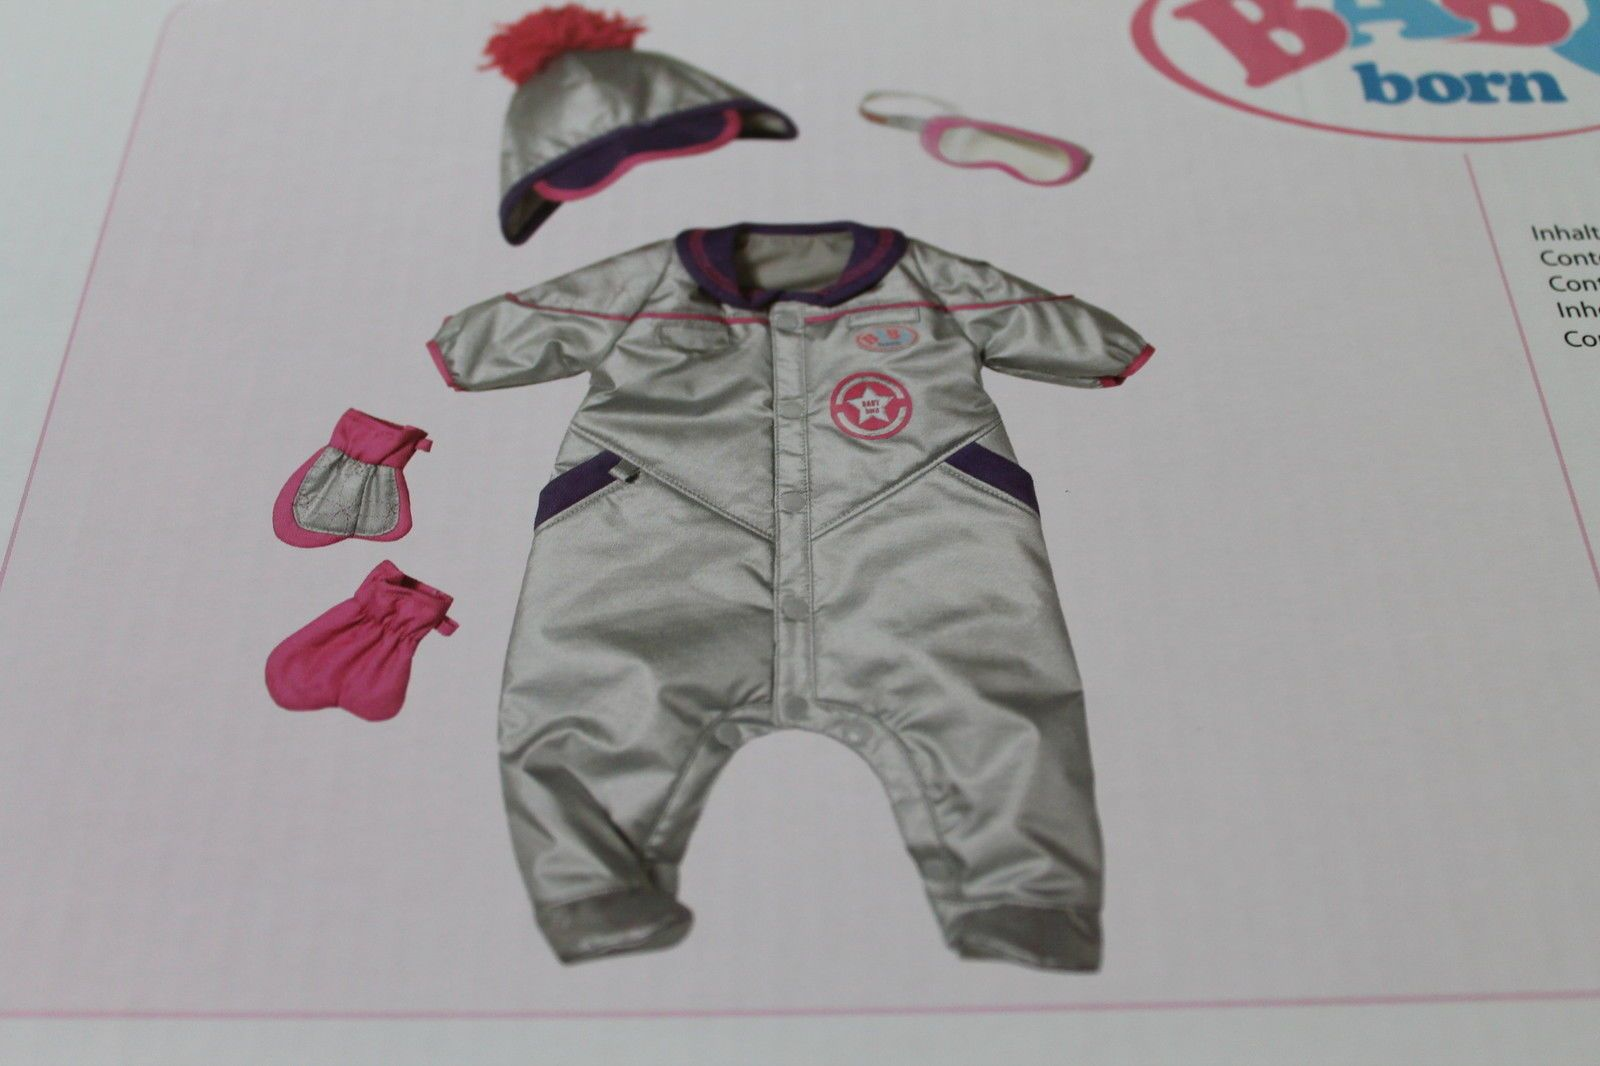 Zapf Creation Baby Born Puppenkleidung Deluxe Set Winter Neu Ovp In Spielzeug Puppen Zubehor Babypuppen Zubehor Eba Zapf Creation Baby Puppenkleidung